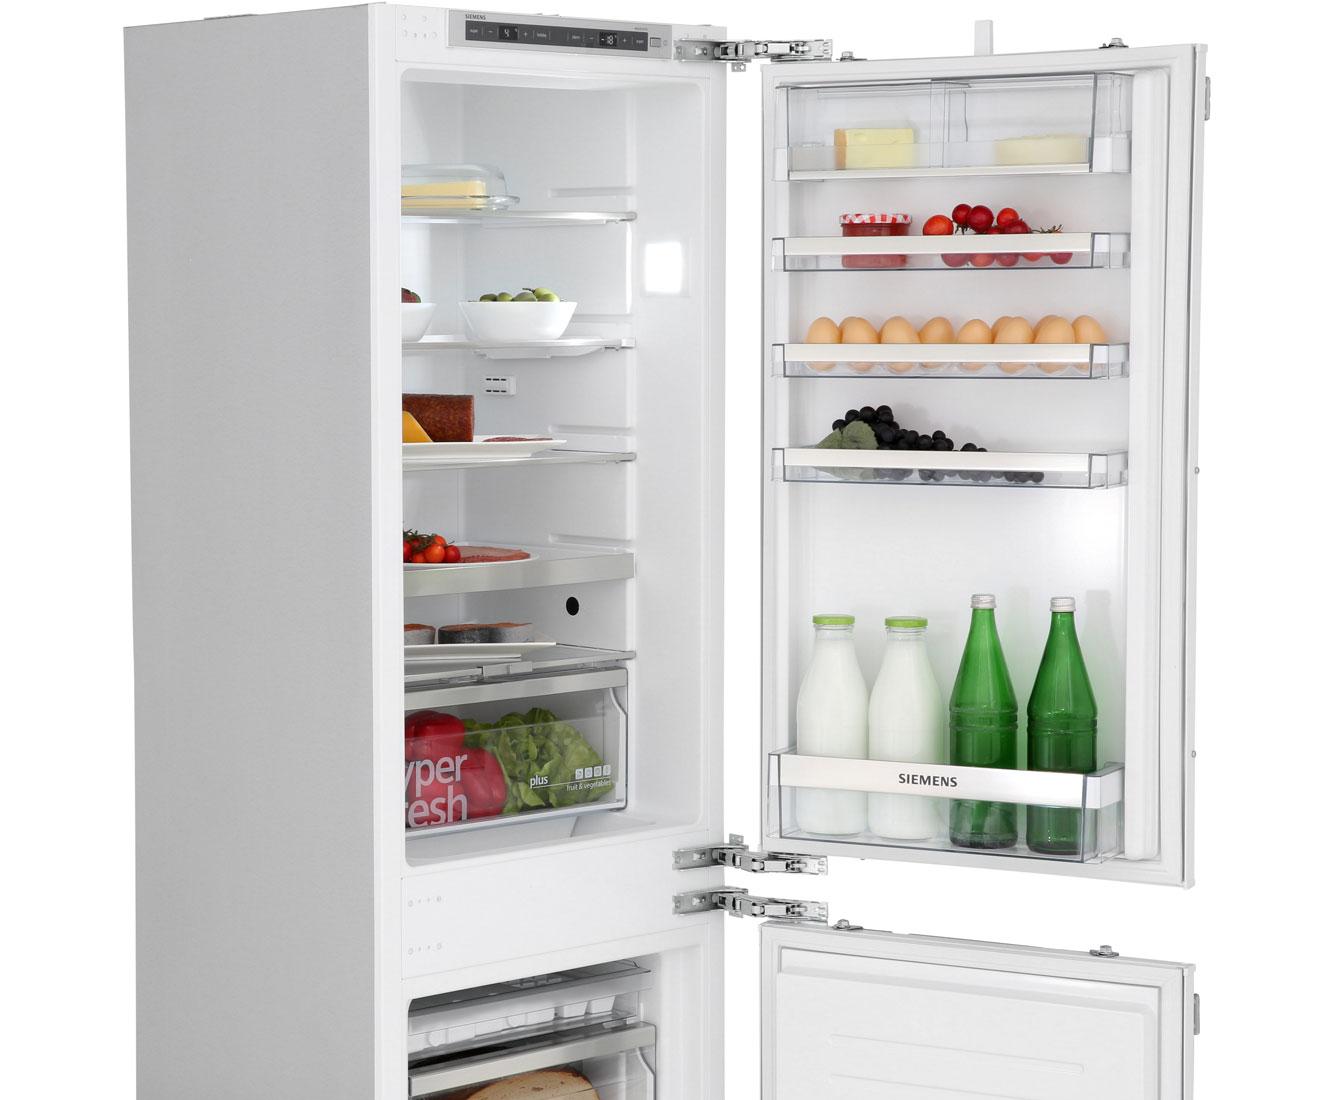 Siemens Family Line Kühlschrank : Siemens ki sad einbau kühl gefrierkombination er nische